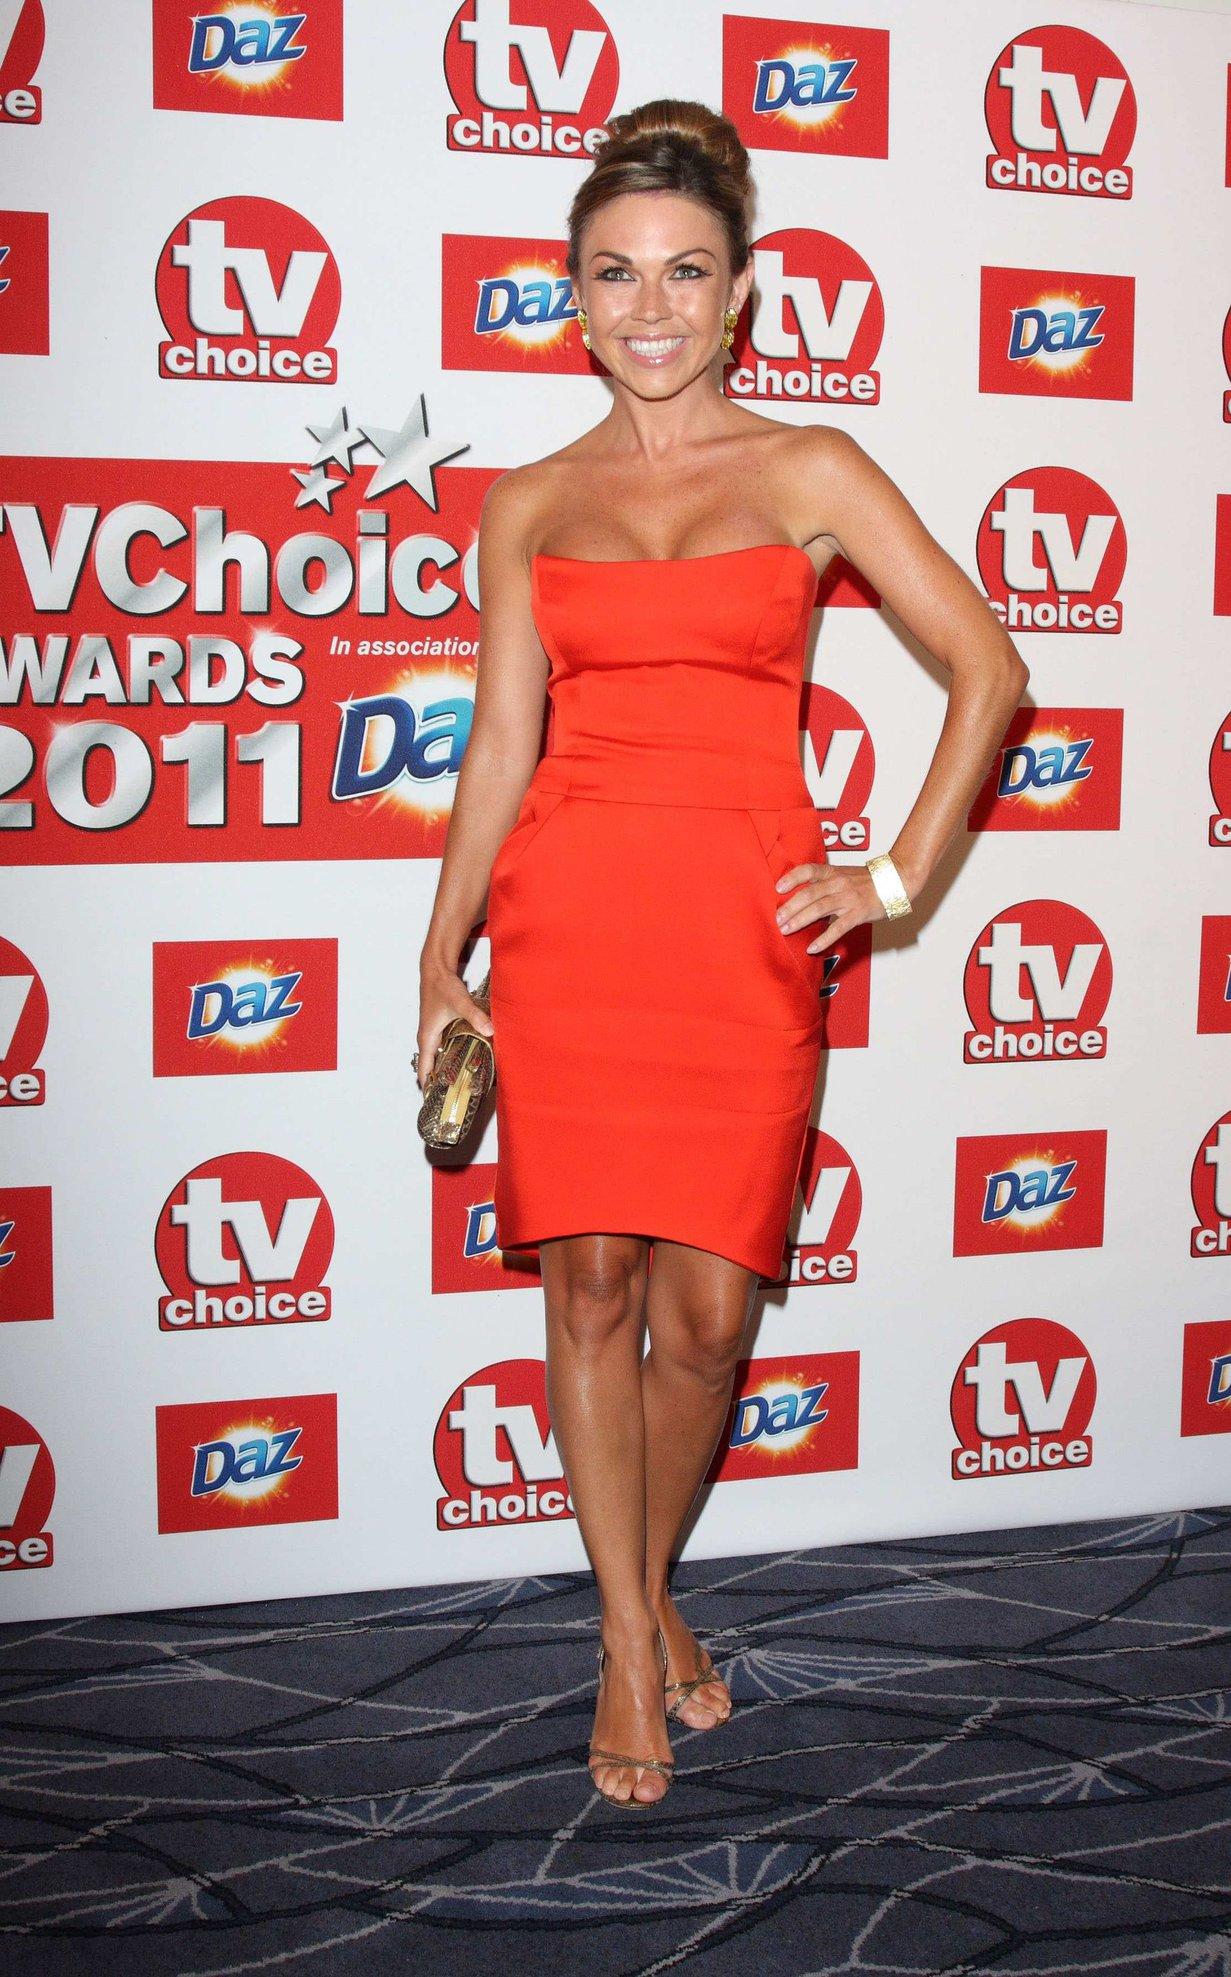 Adele Silva TV Choice Awards 2011 on September 13, 2011